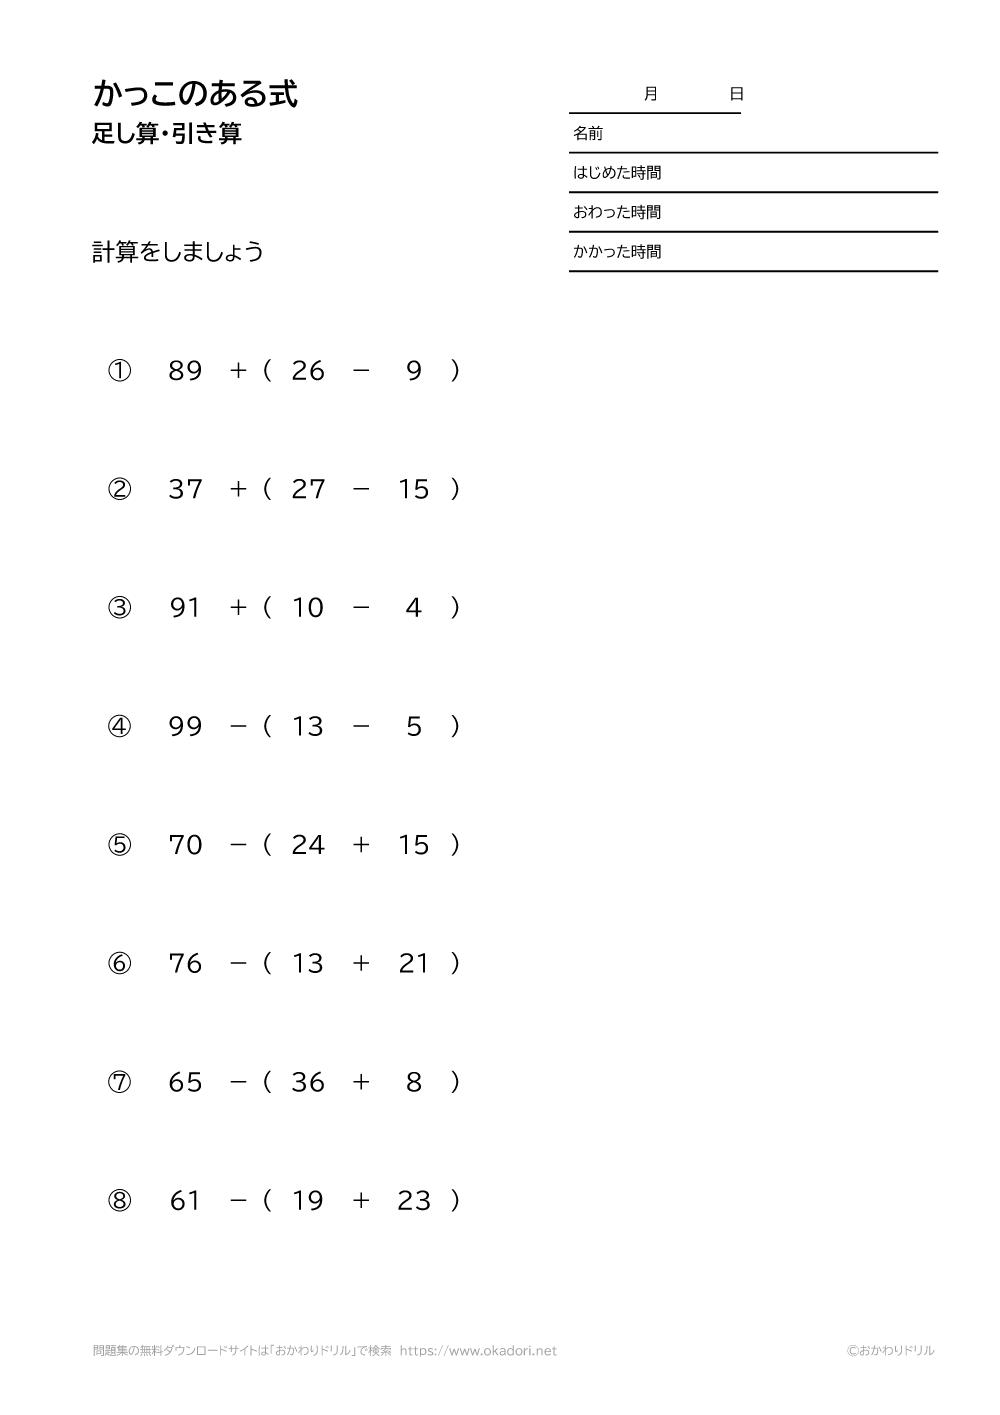 かっこのある式-足し算・引き算-3